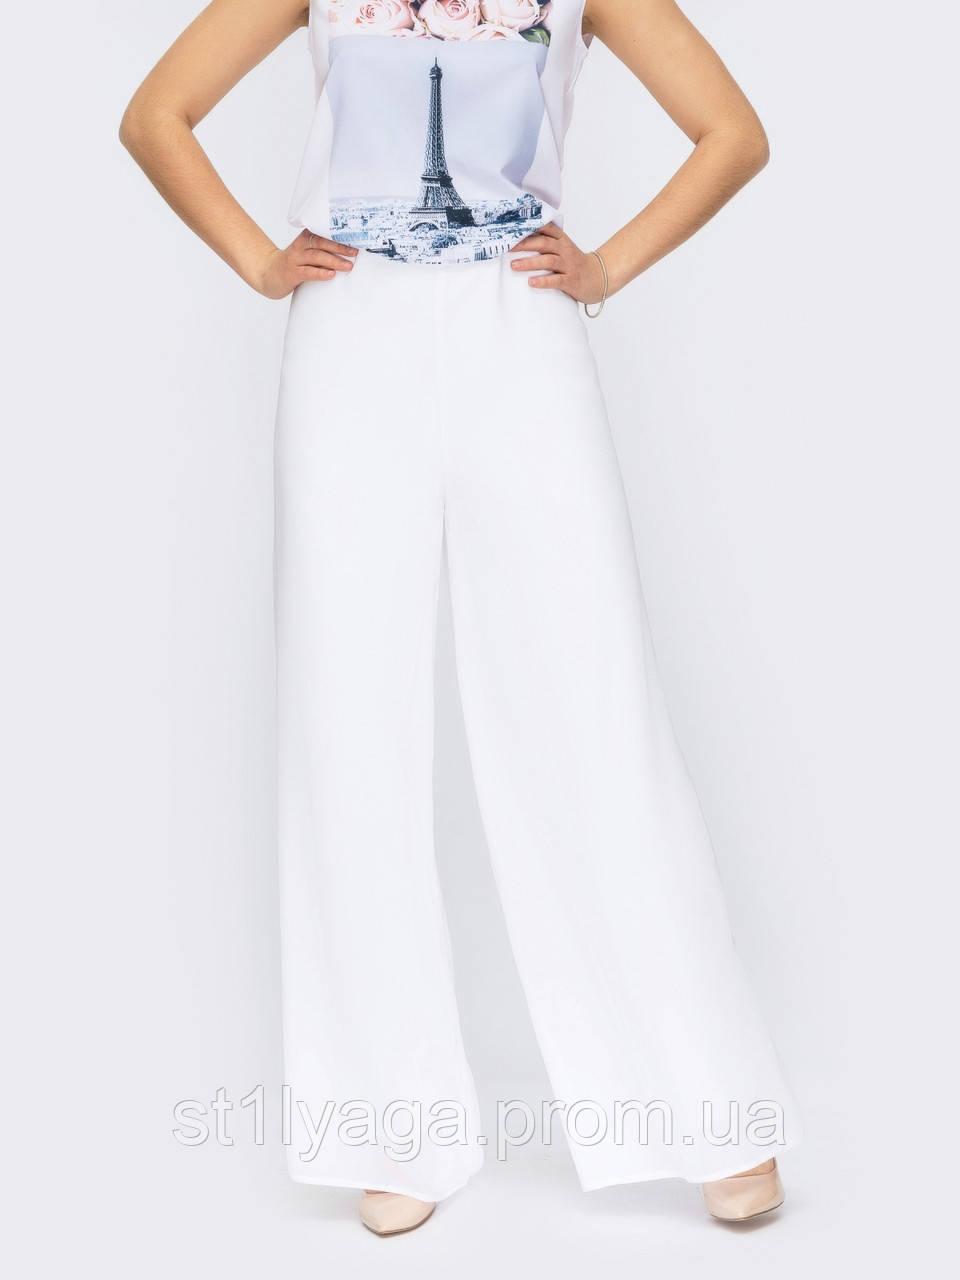 Білі штани-палаццо з високою талією ЛІТО